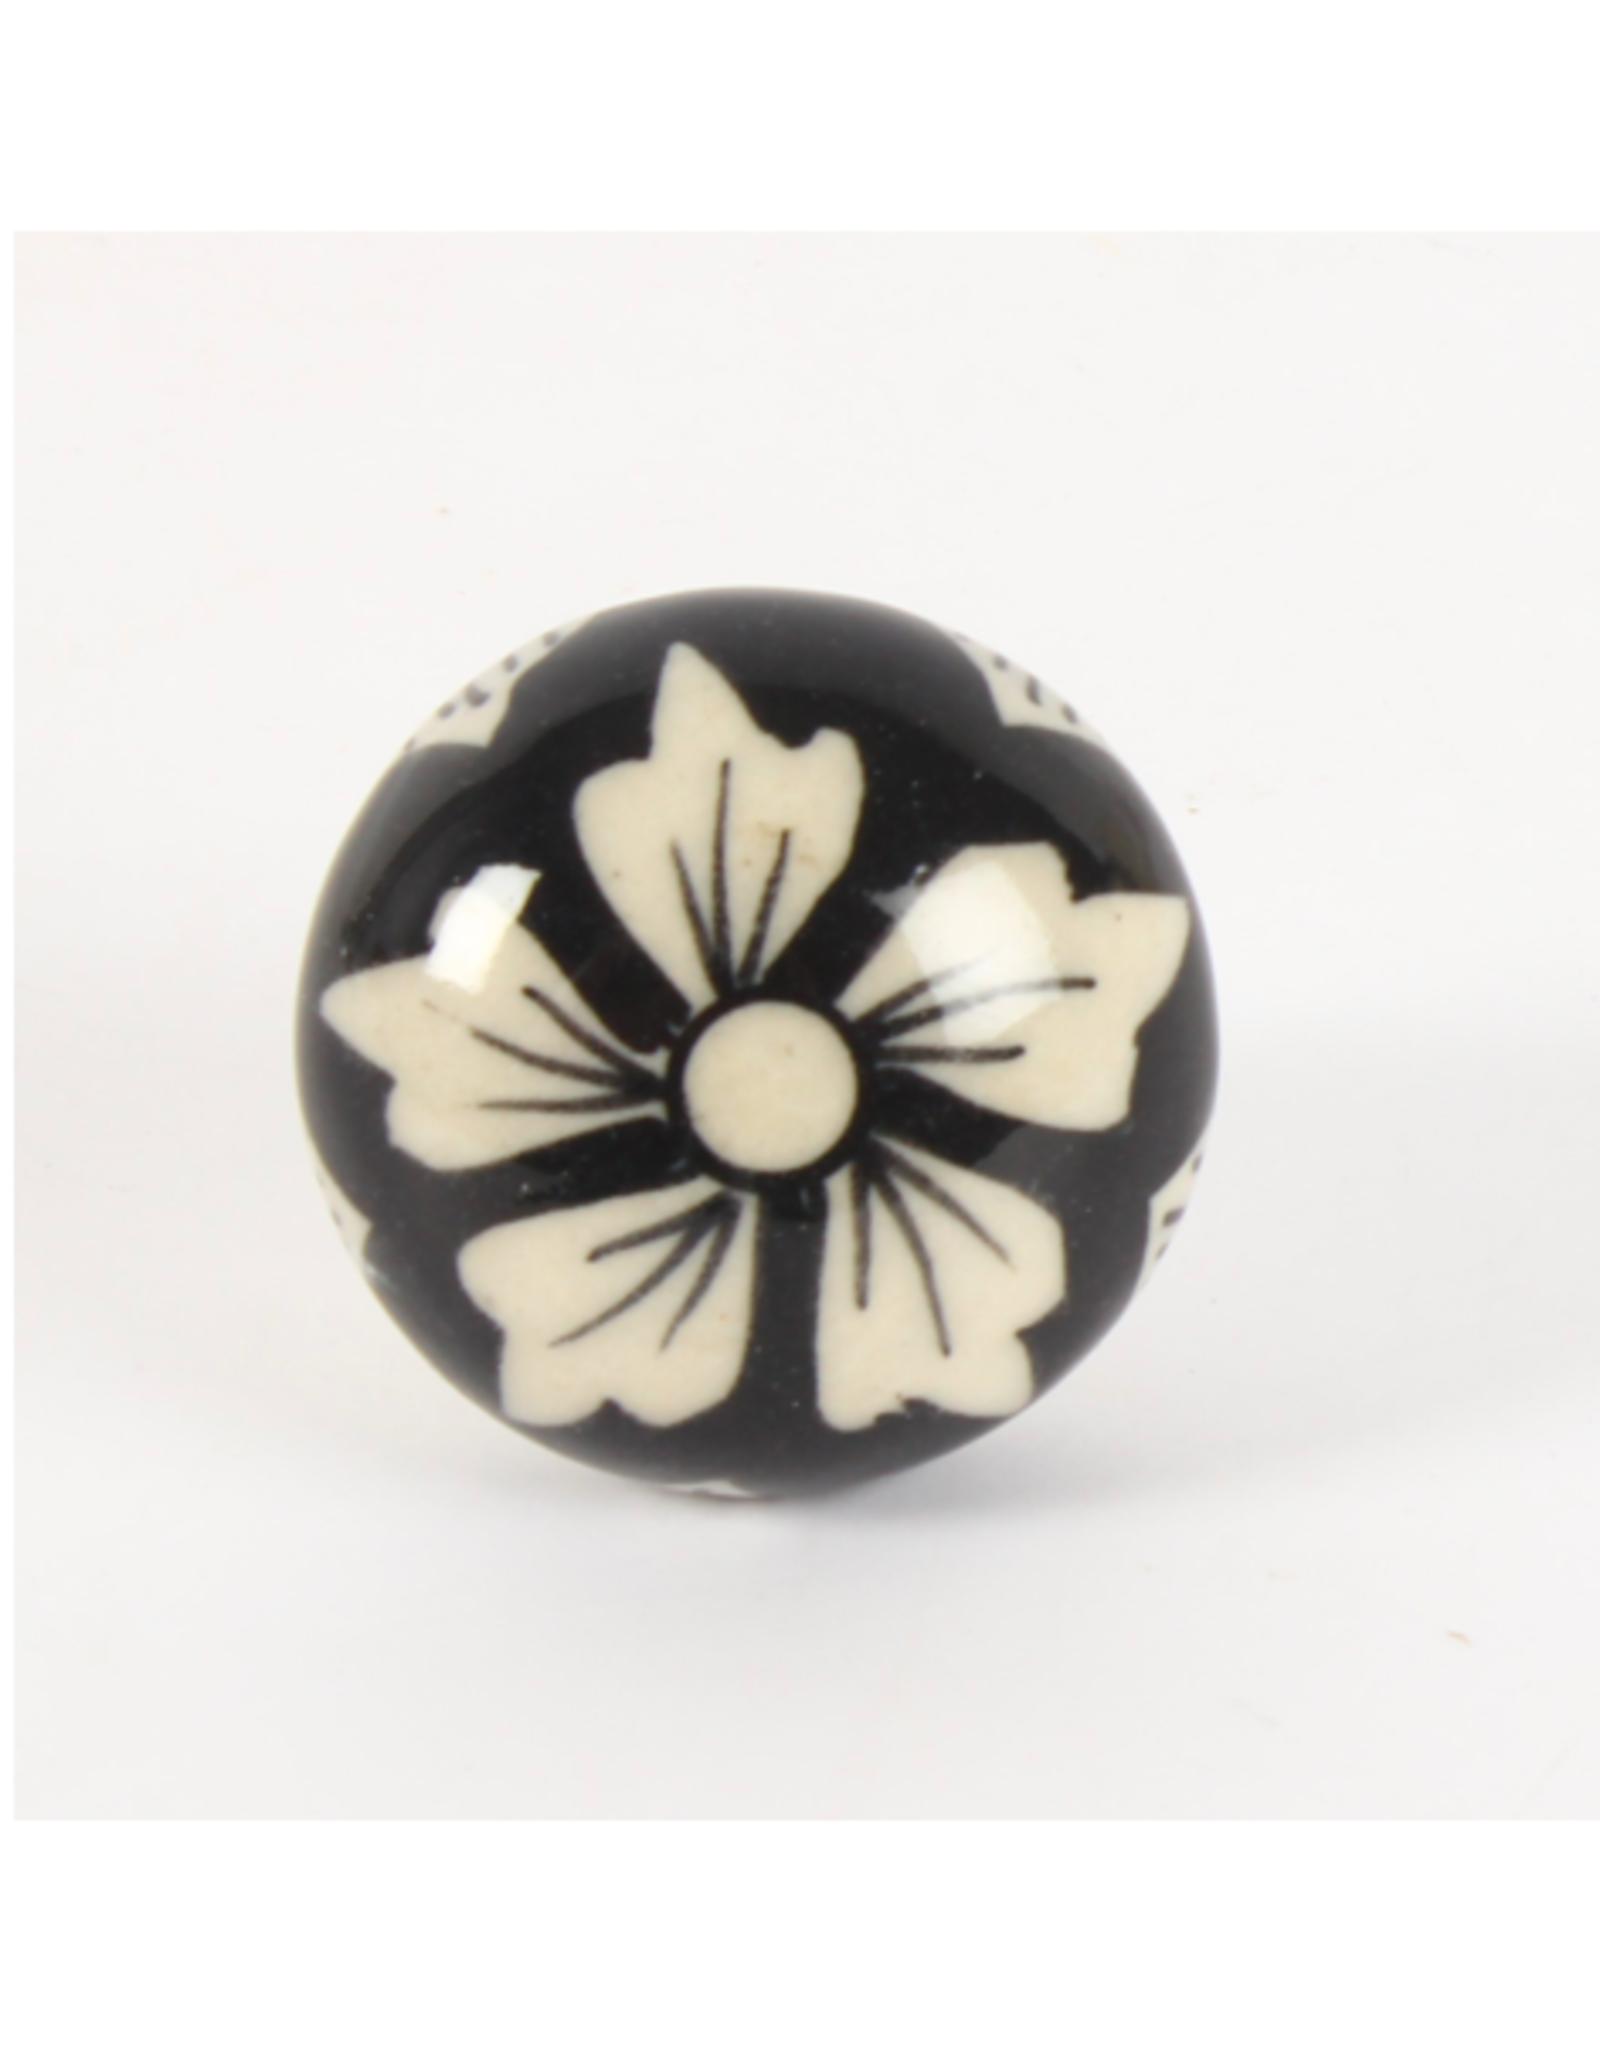 CJM - Knob / Vintage Floral, Ceramic